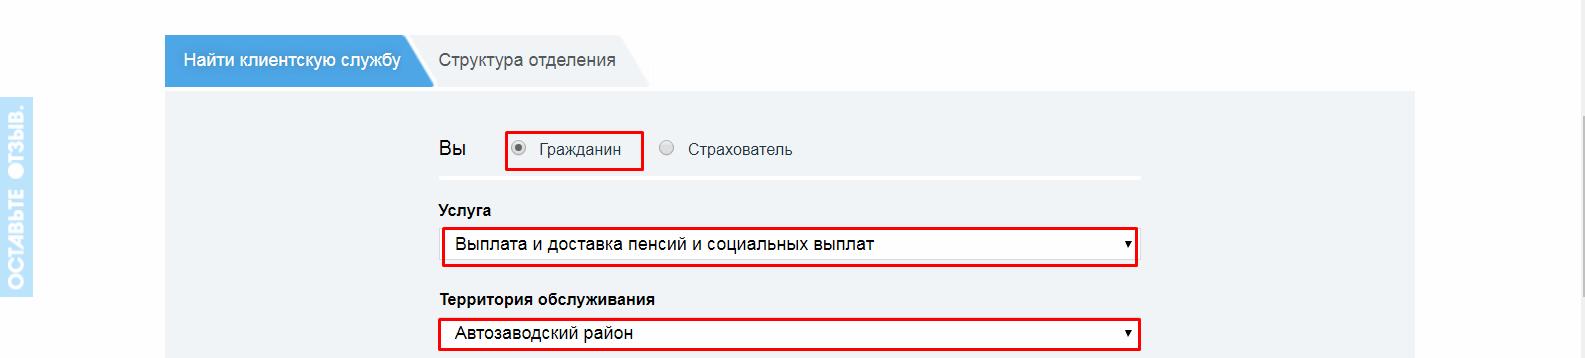 Пенсионный фонд автозаводского района Нижнего Новгорода